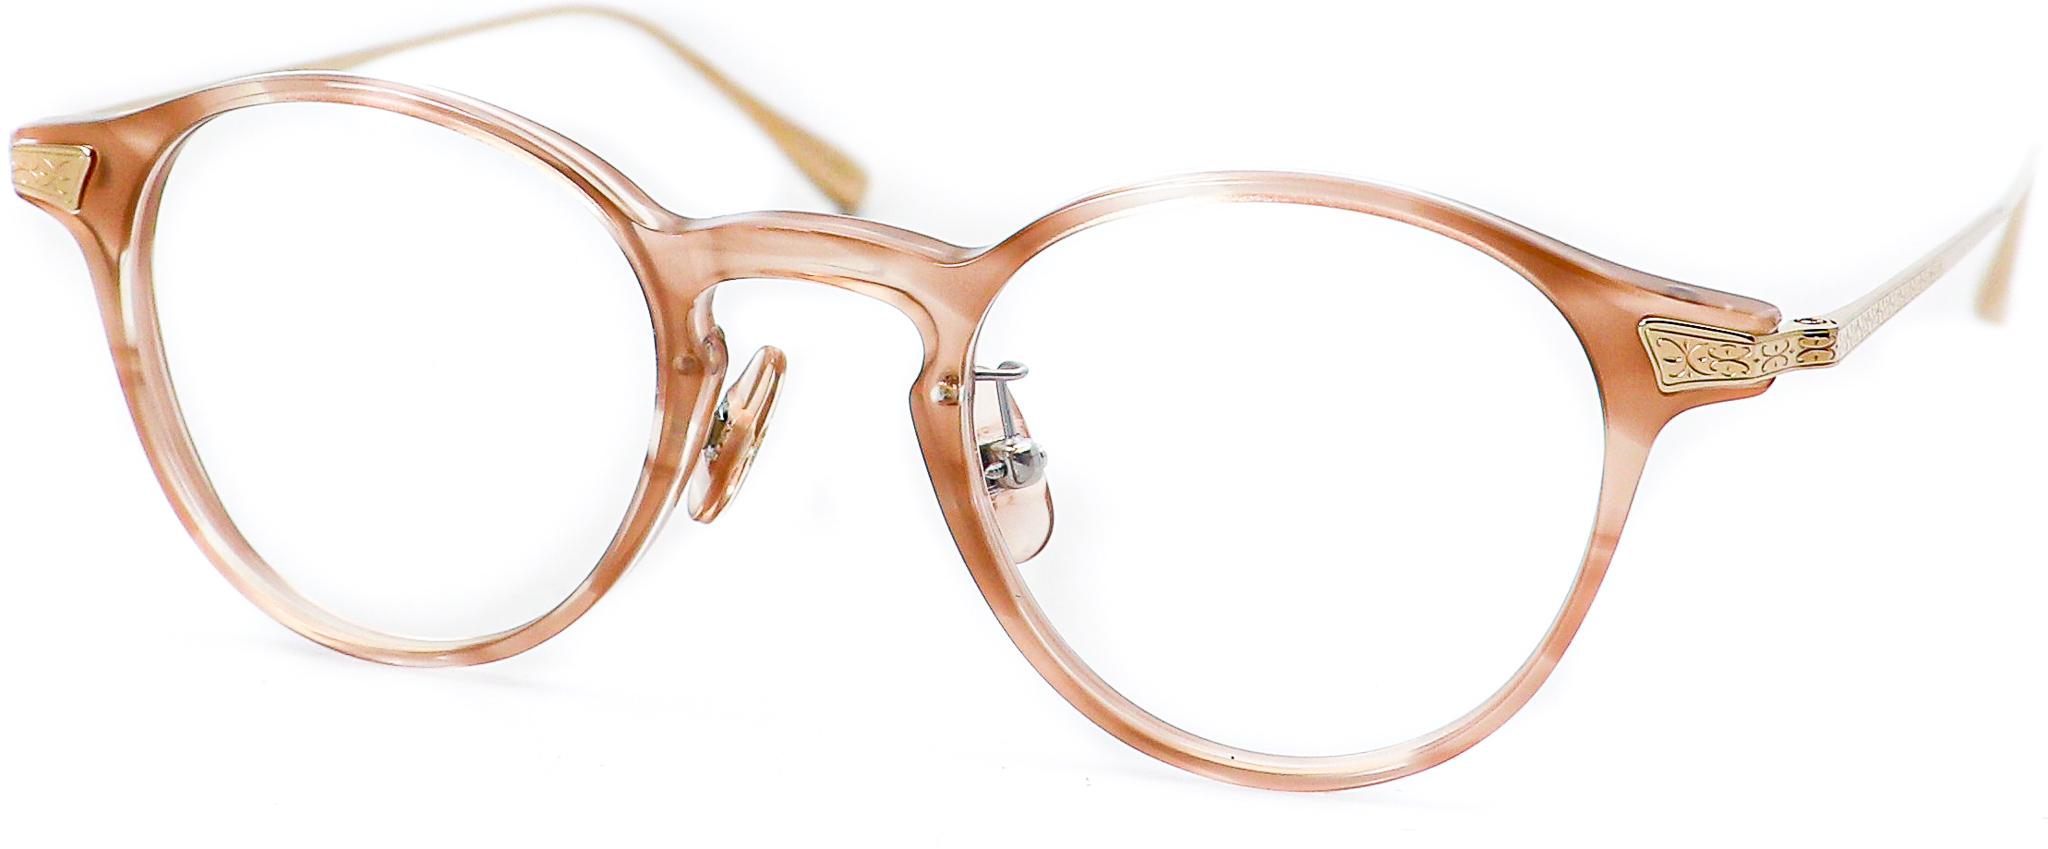 眼鏡のカラータイプC-5 Pink/Gold